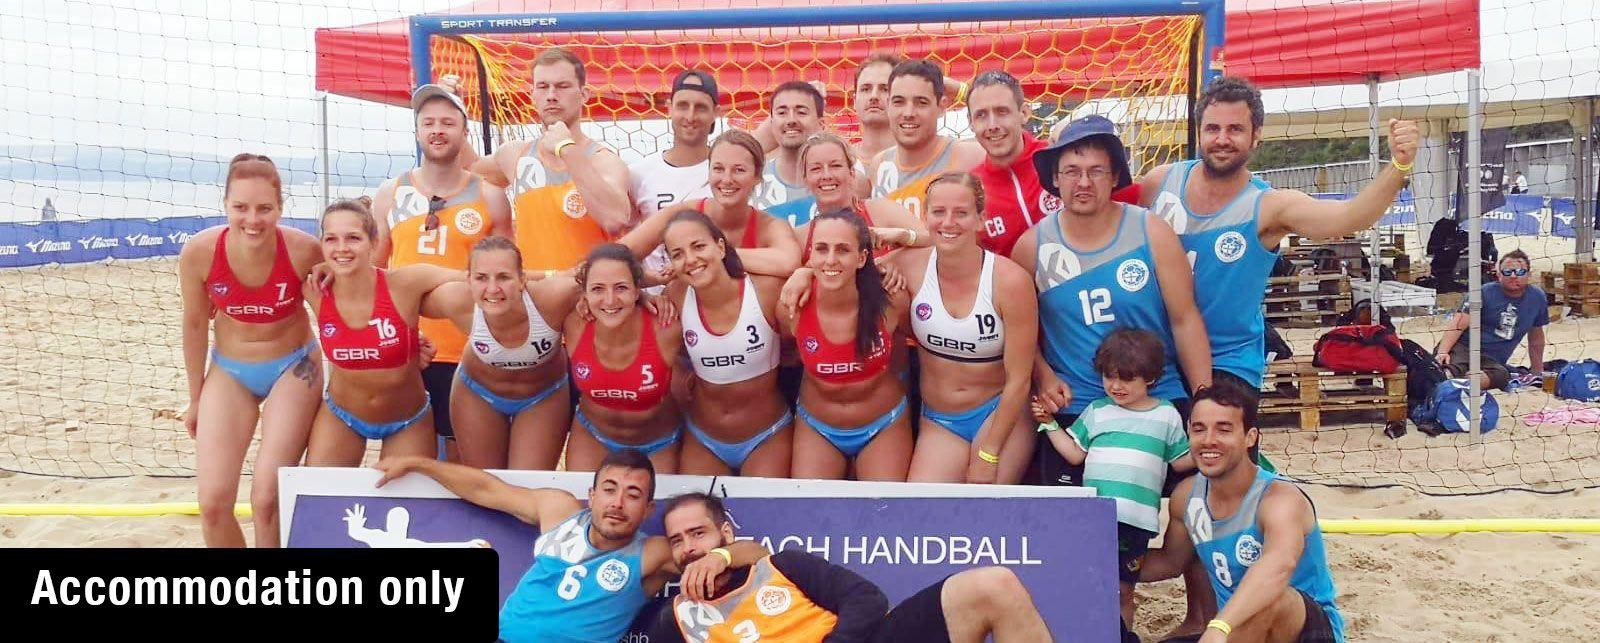 Bournemouth Beach Handball (Accommodation only)